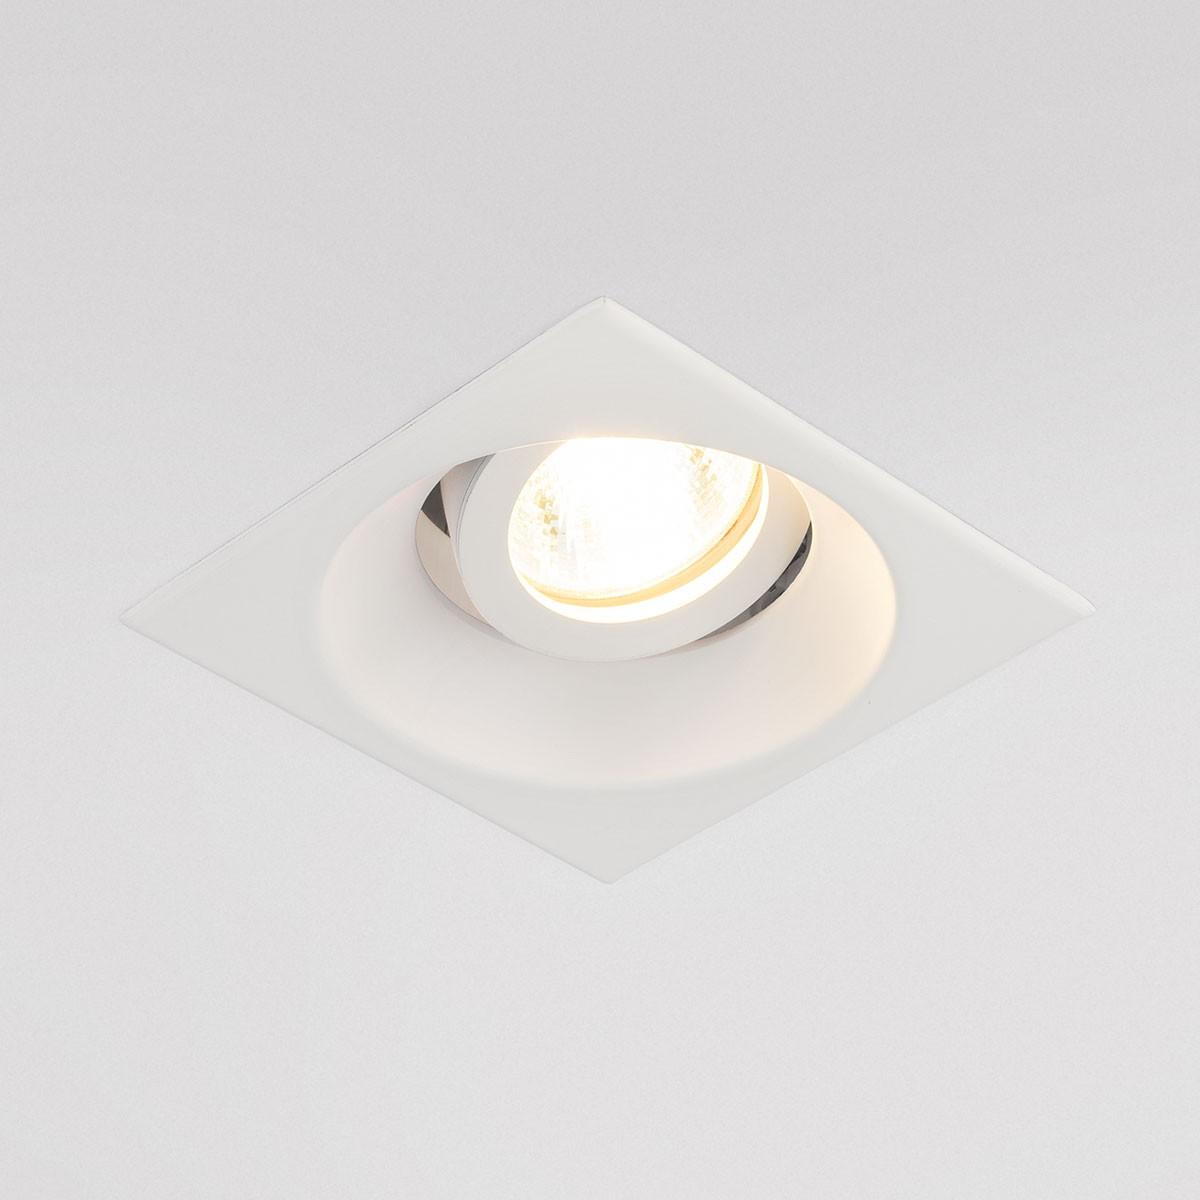 Фото Встраиваемый светильник Elektrostandard 1082 a036507